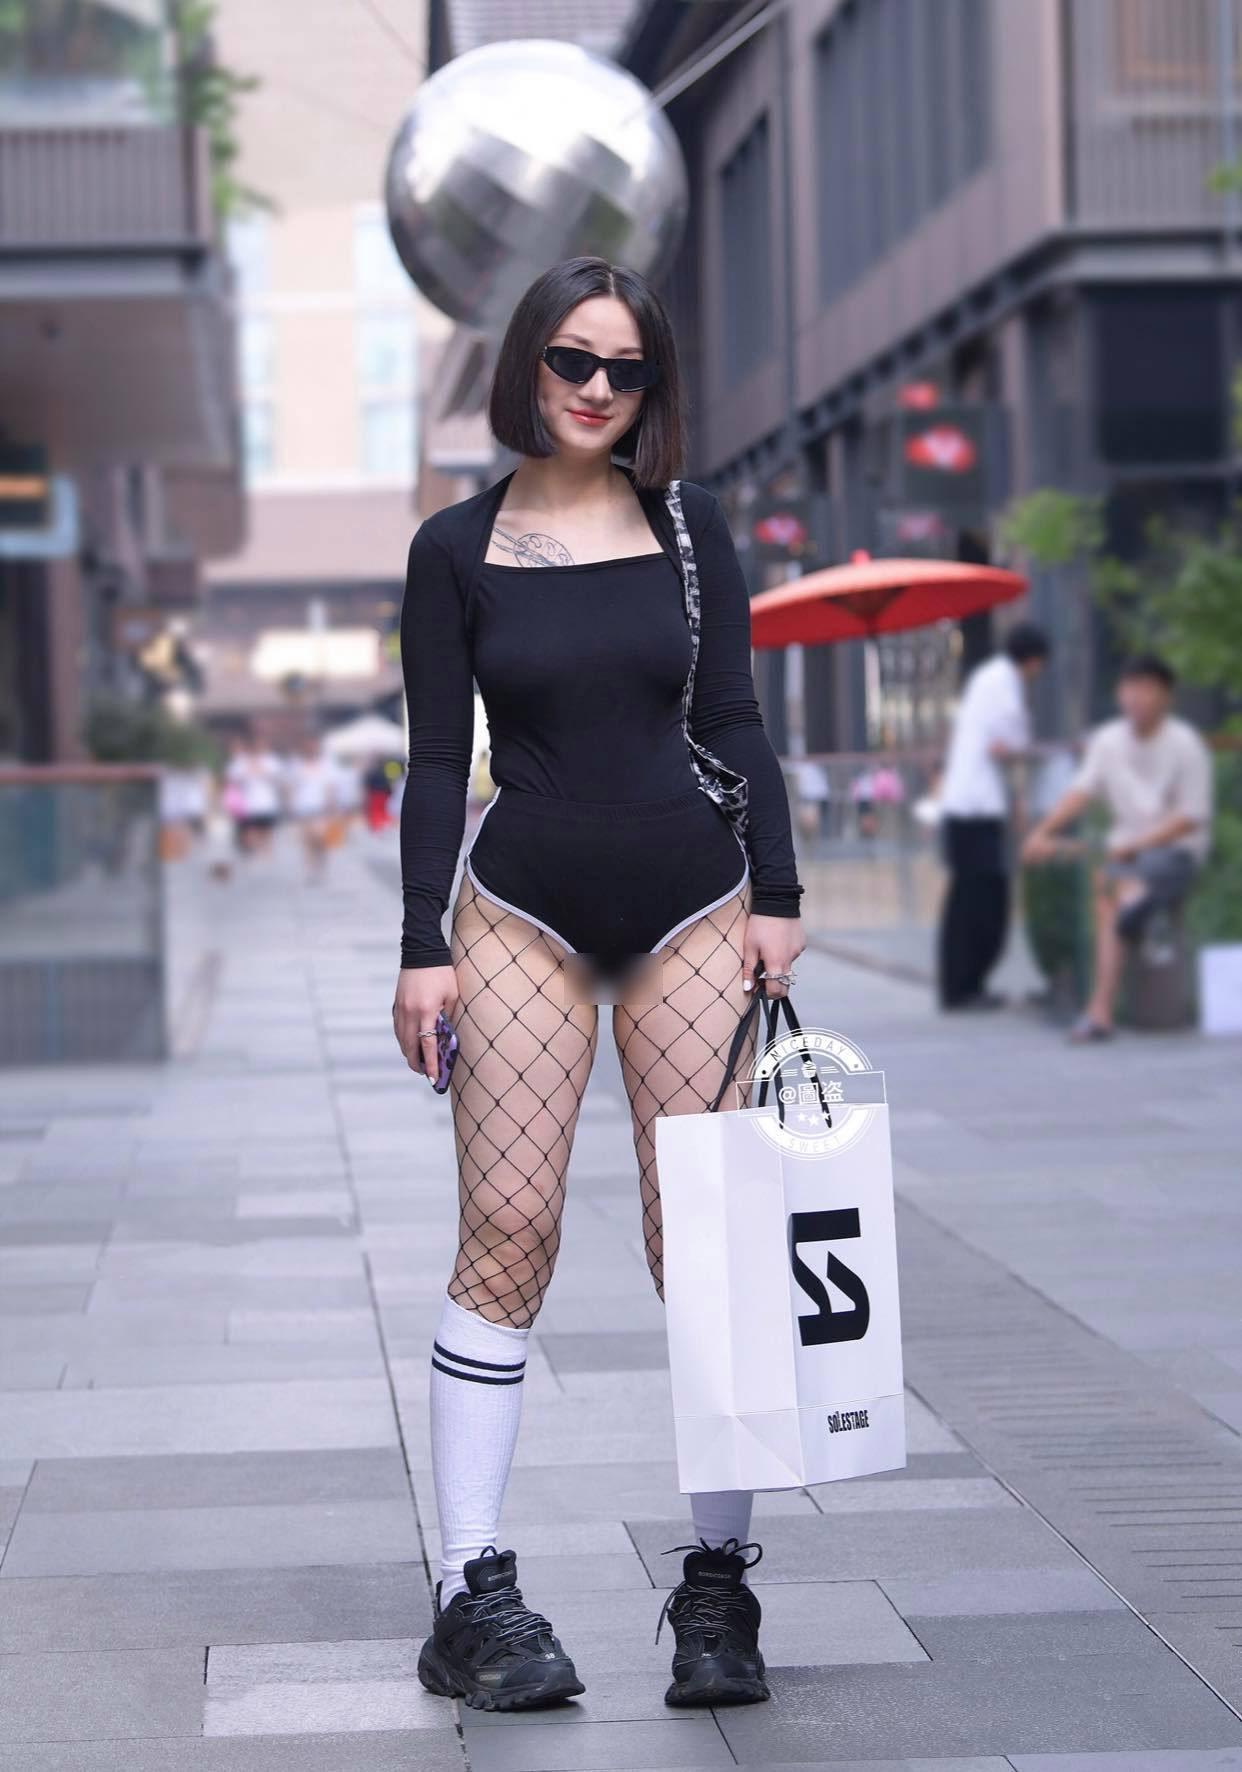 Gu mặc lạc quẻ khó hiểu của hot girl đường phố - 5